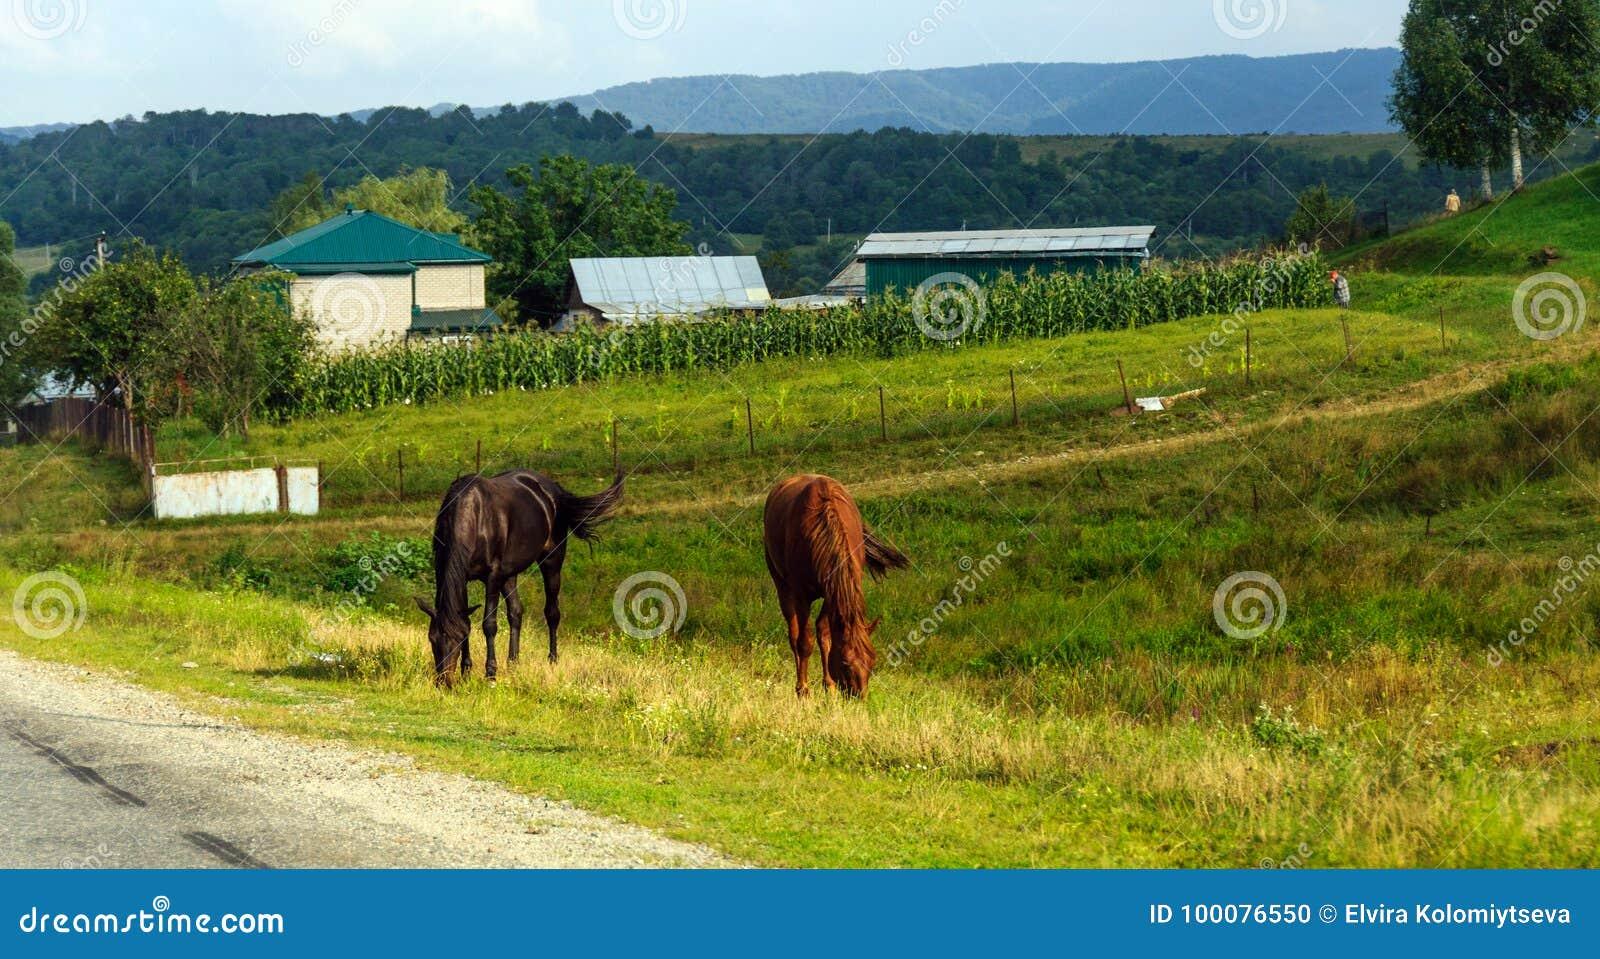 La vie rurale : pâturage de chevaux